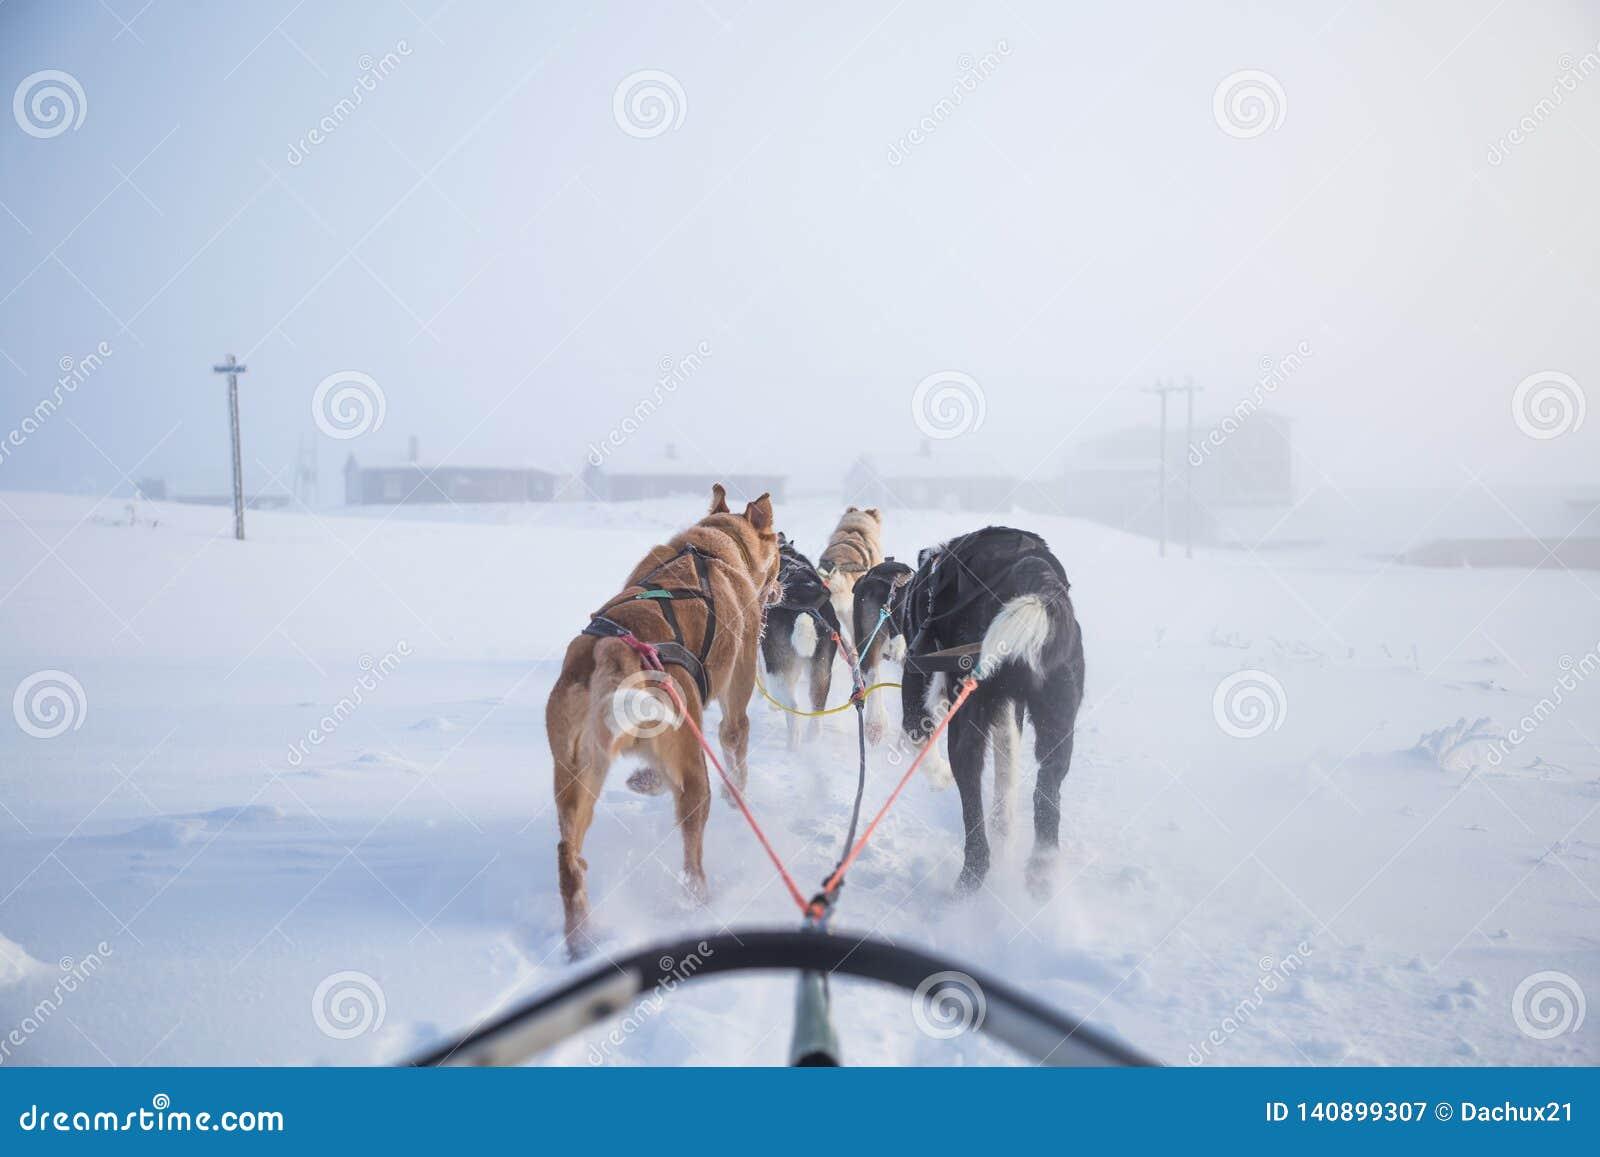 Ein schöner sechs Hund gießen das Ziehen eines Schlittens aus Foto gemacht vom Sitzen in der Schlittenperspektive Spaß, gesunder